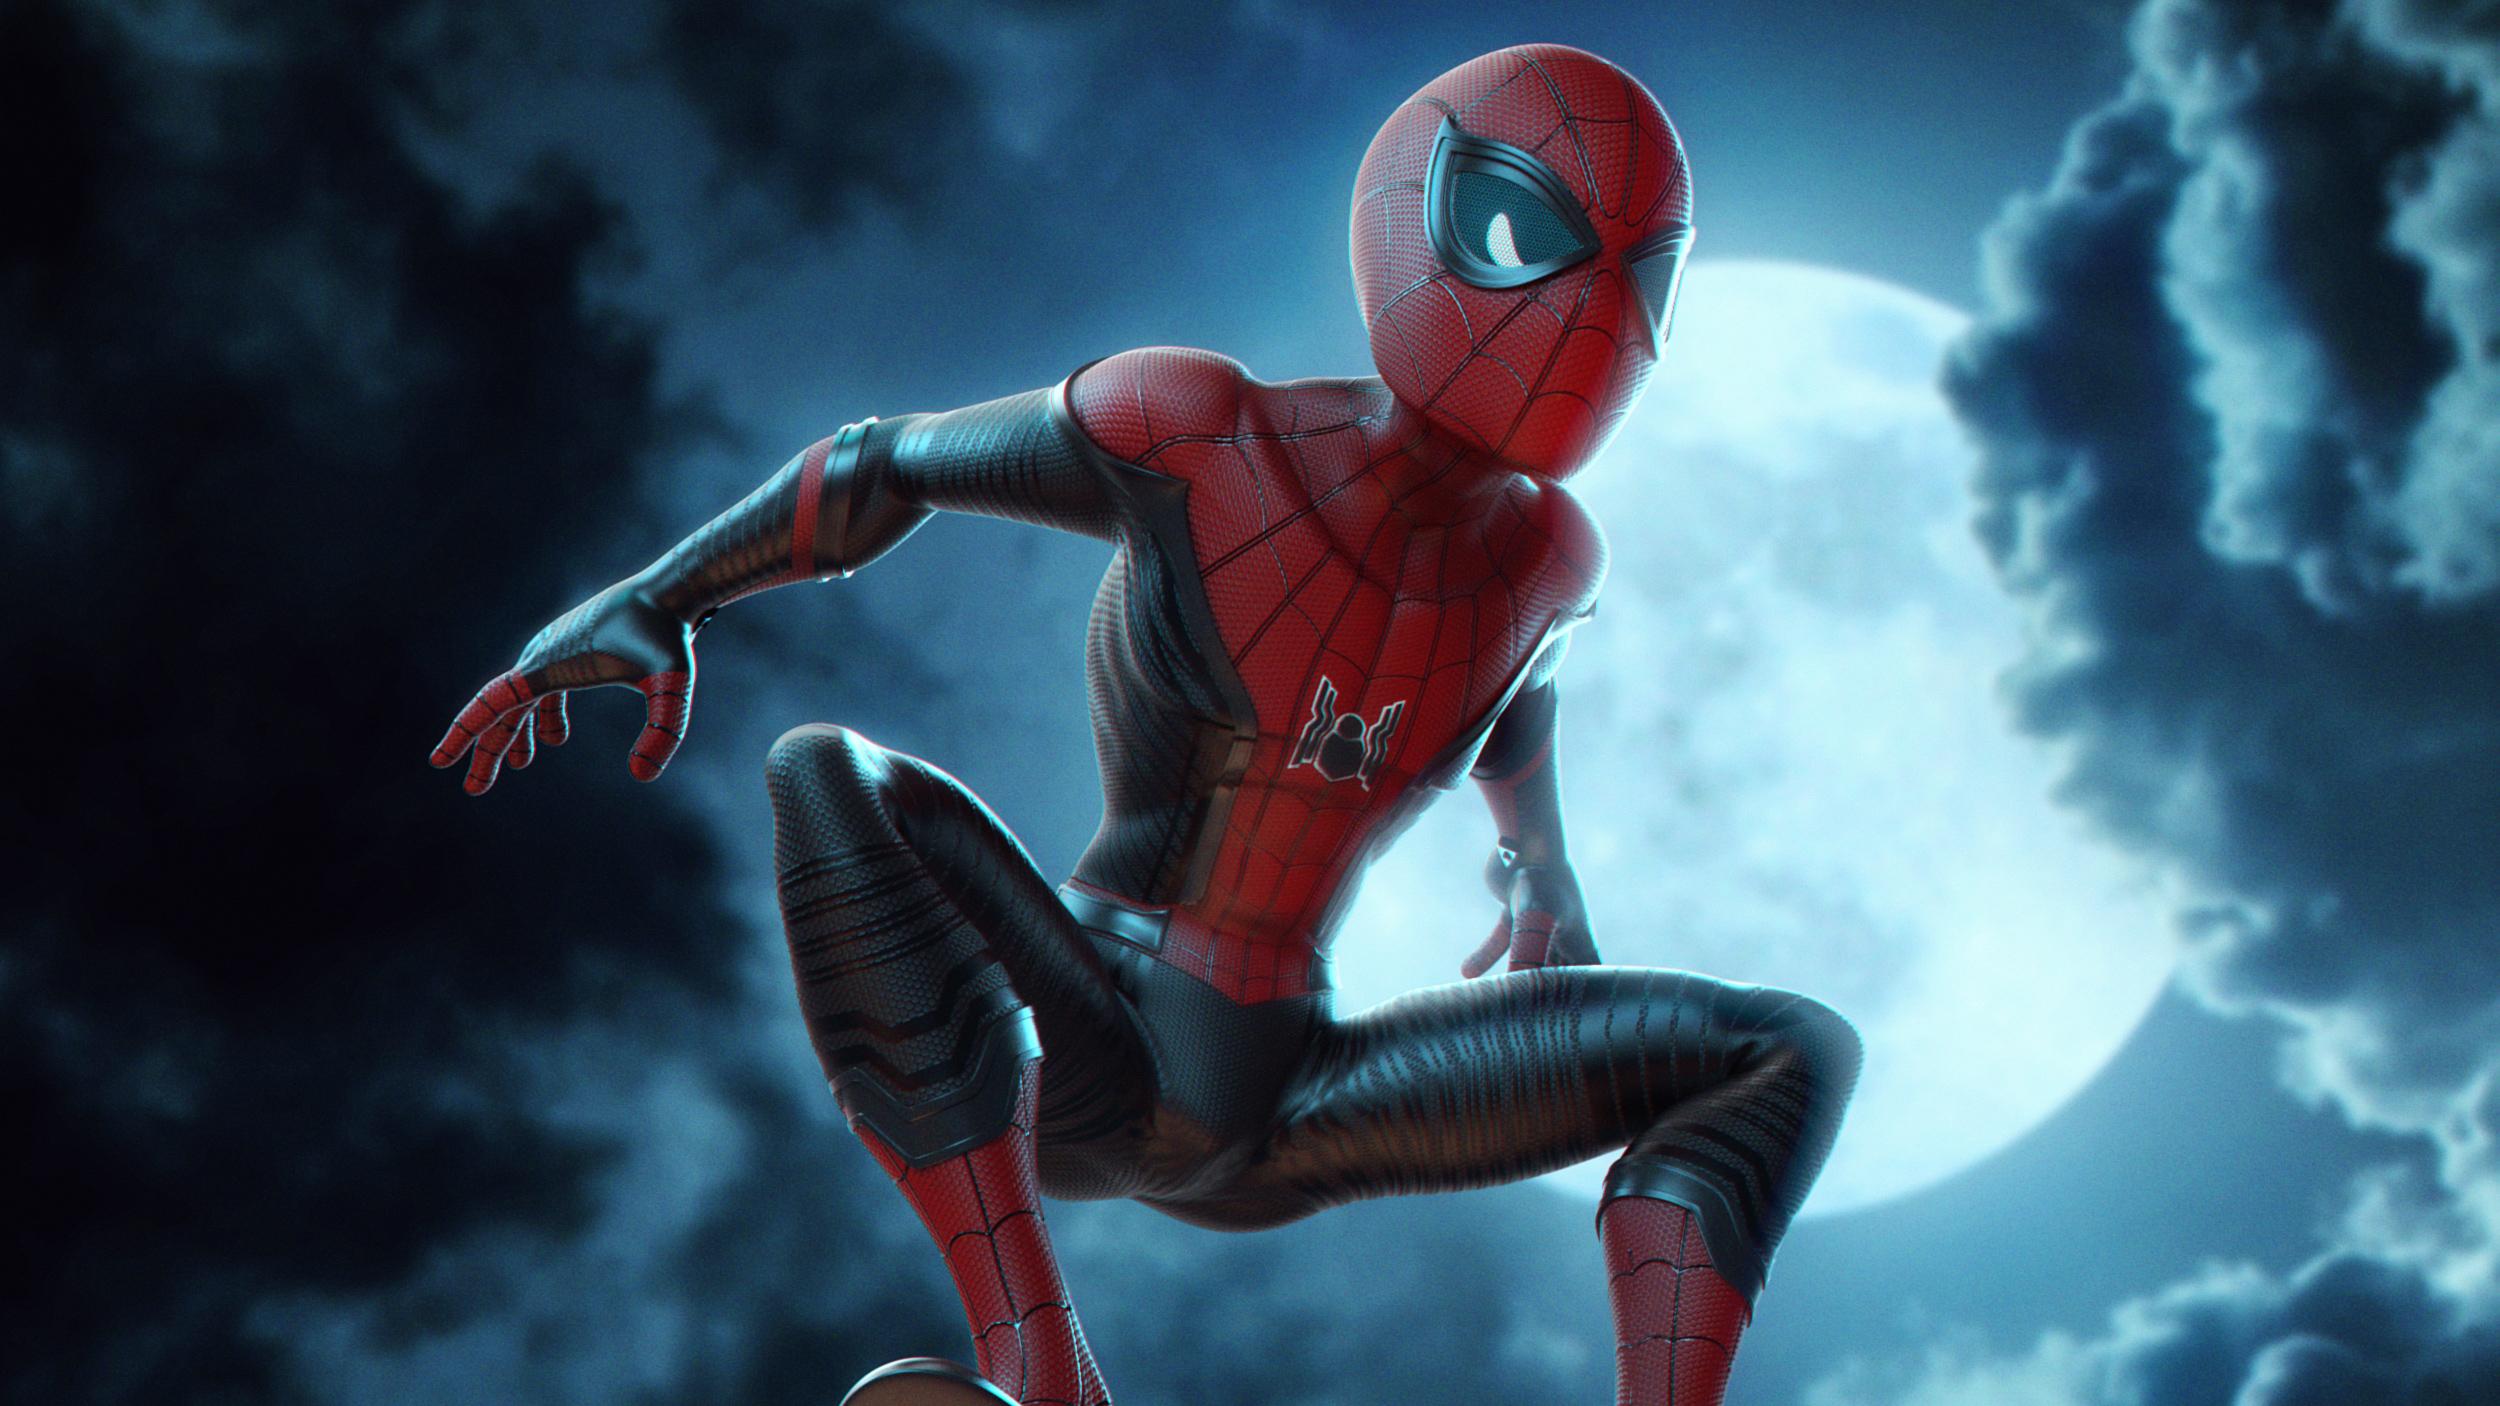 spiderman into the spider verse movie digital artwork 2018